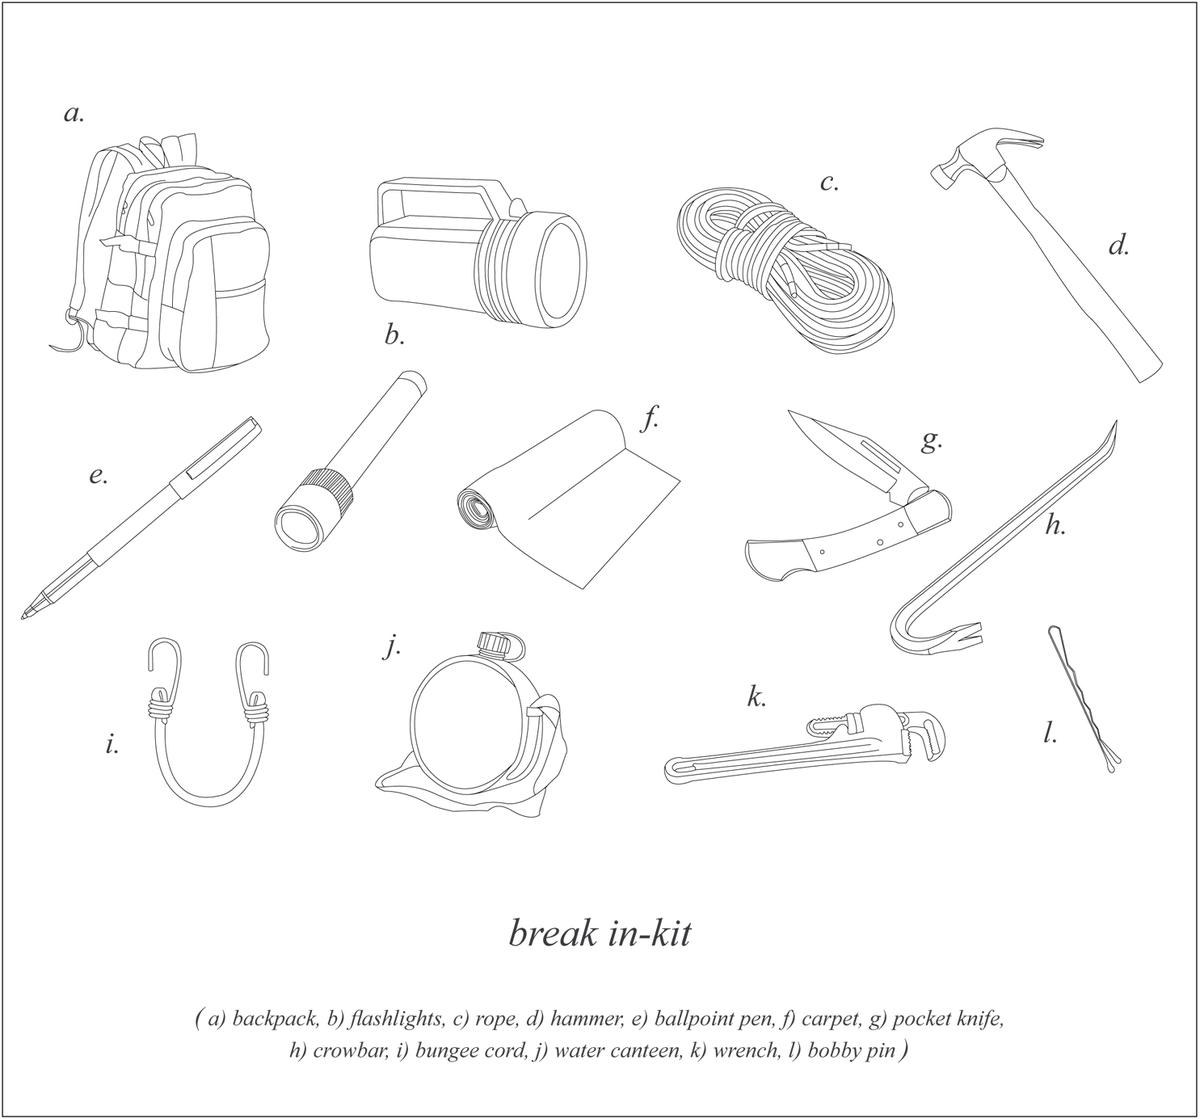 Break in-kit, from